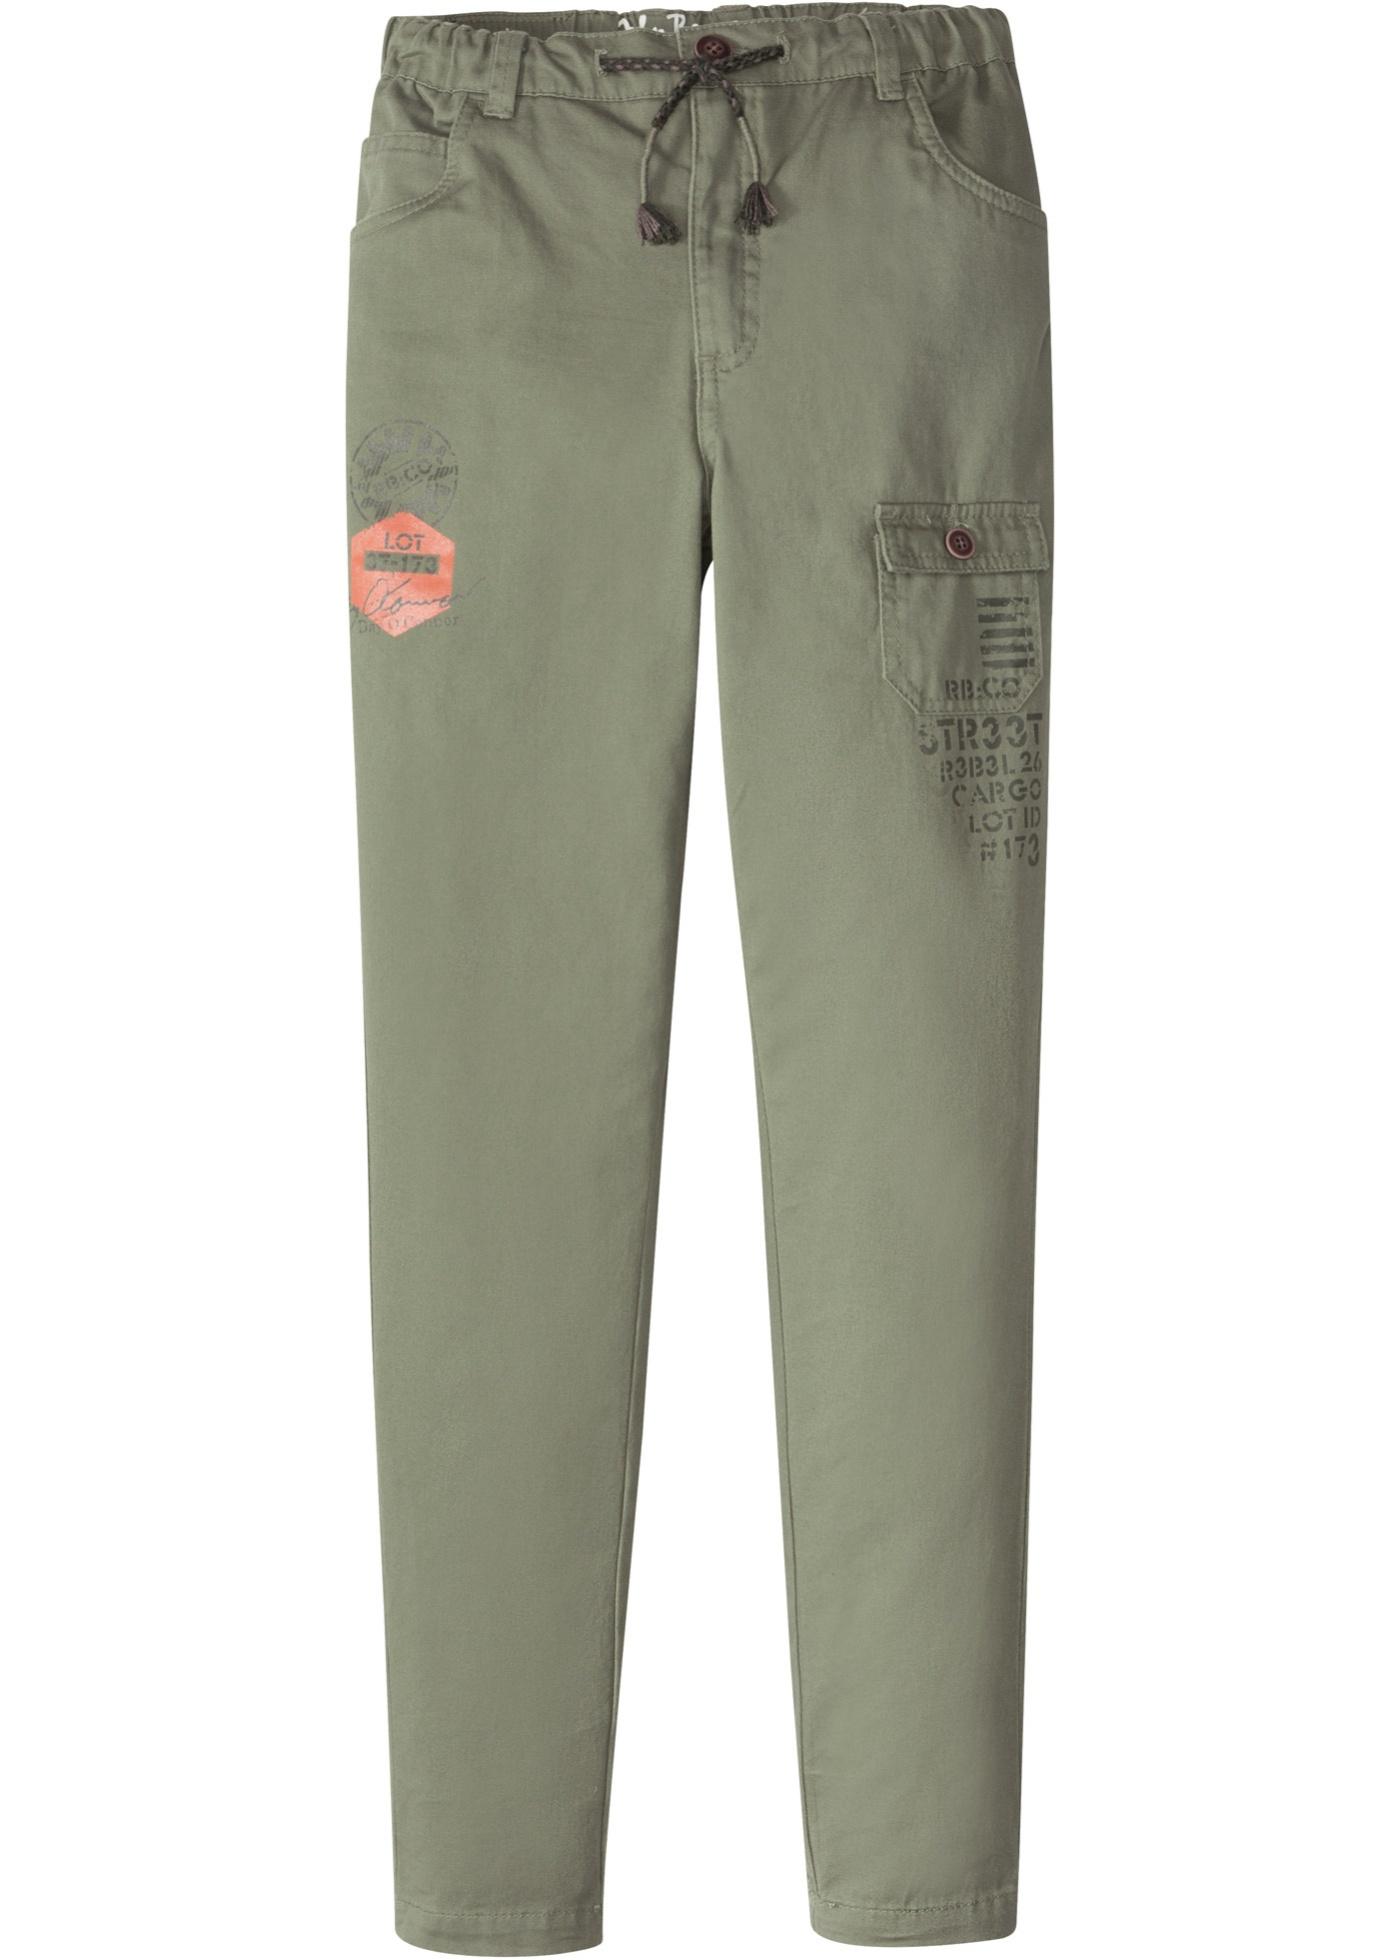 Pantalon avec effets usés et imprimé, large